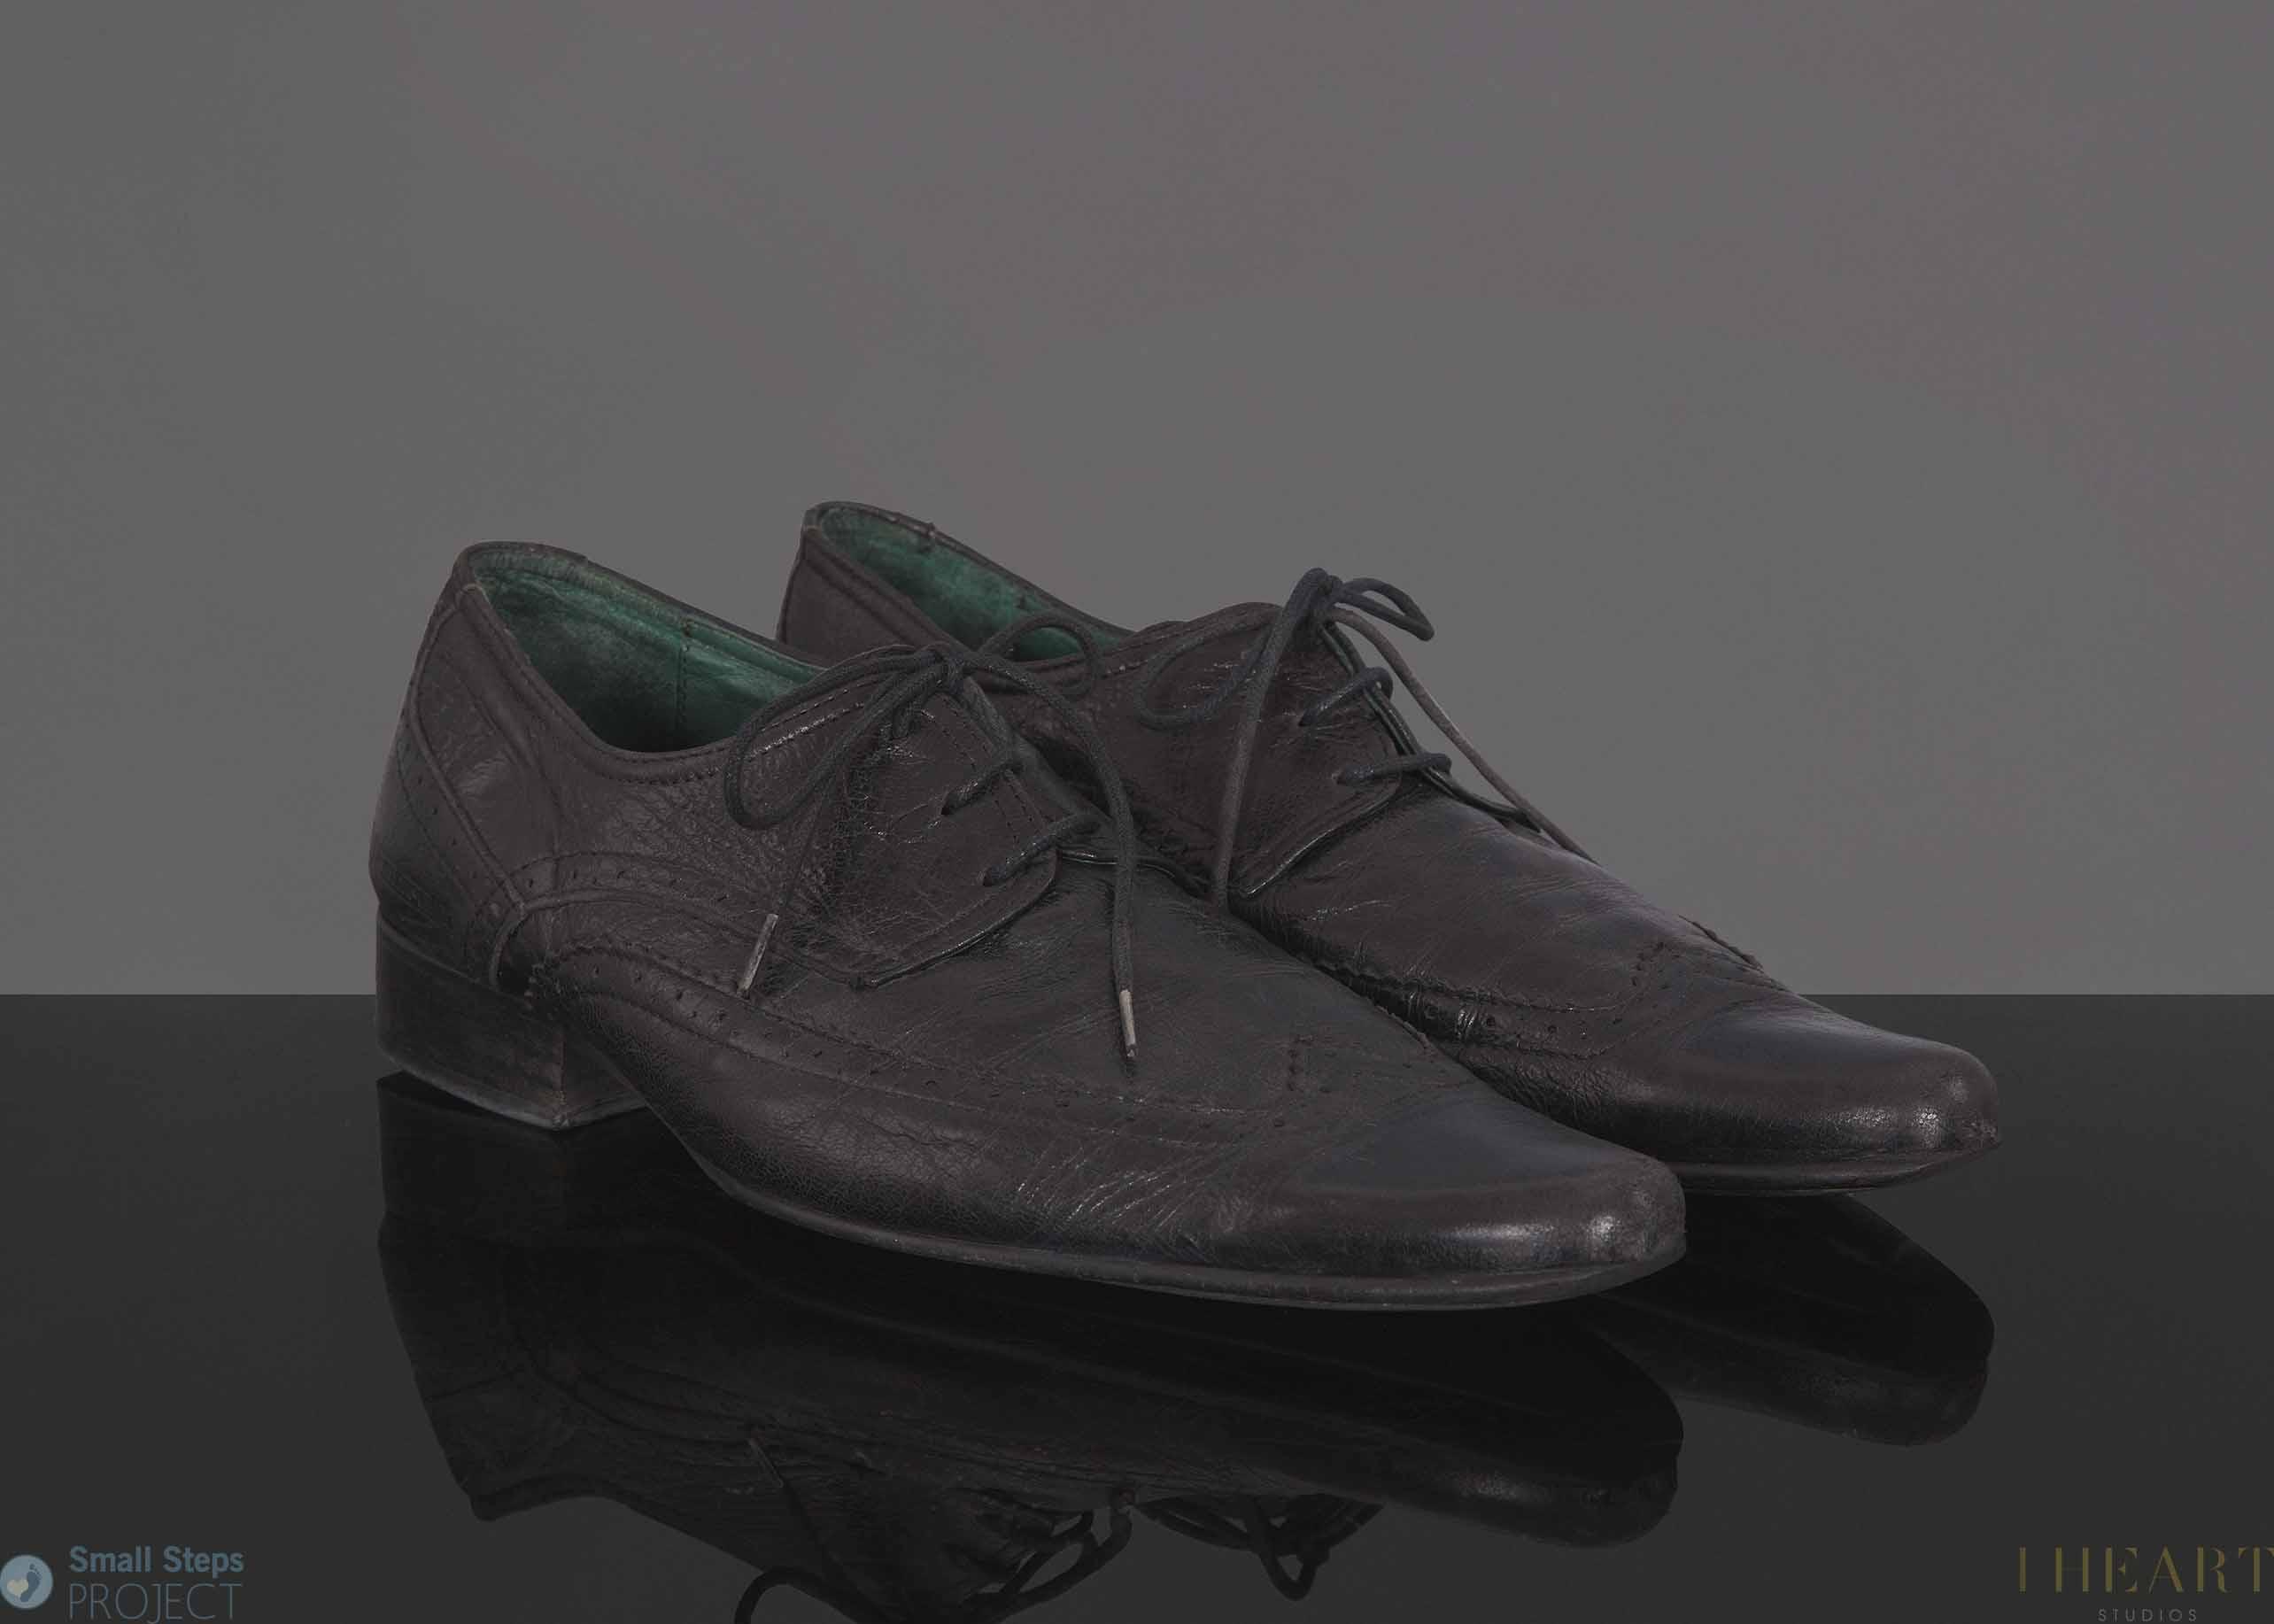 Howard Marks' 2013 shoe donation